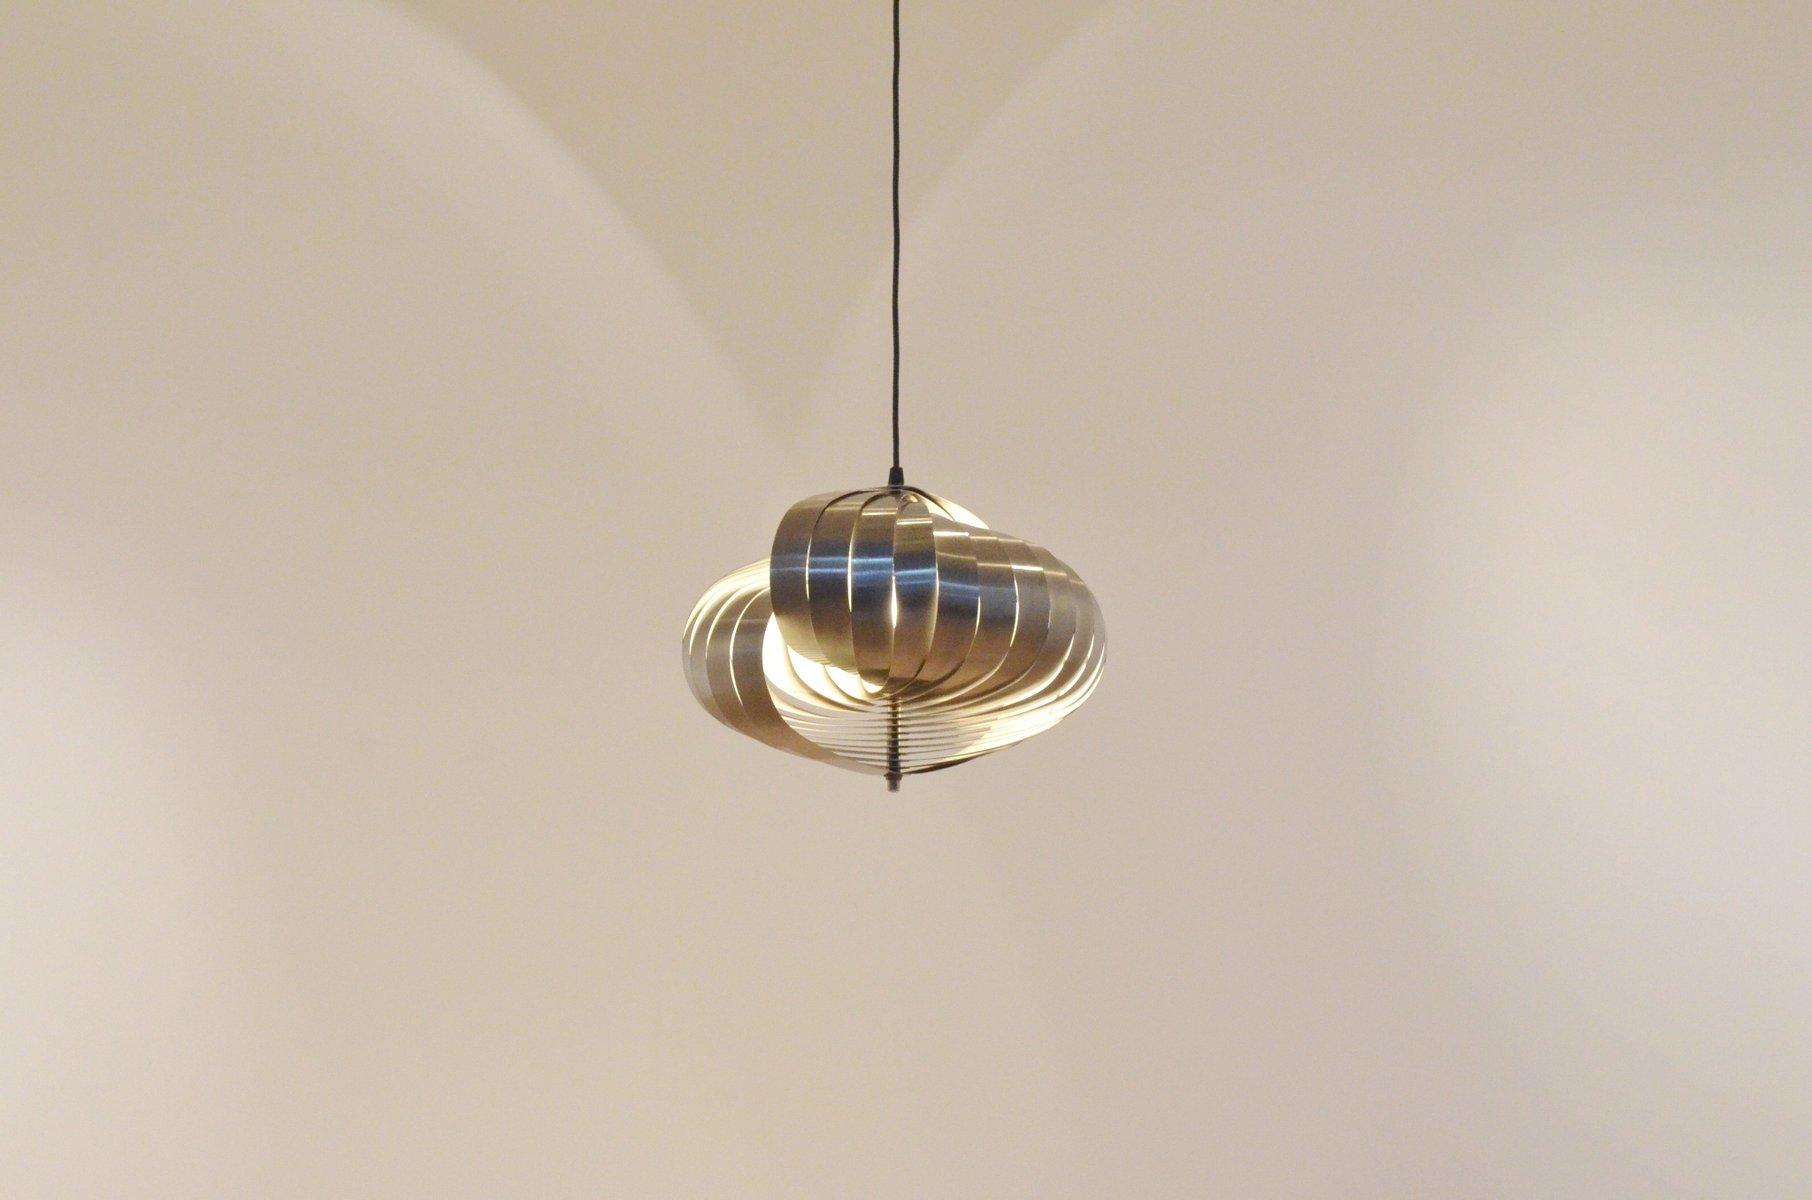 Lampe suspension vintage en argent par henri mathieu pour lyfa en vente sur - Lampe suspension vintage ...